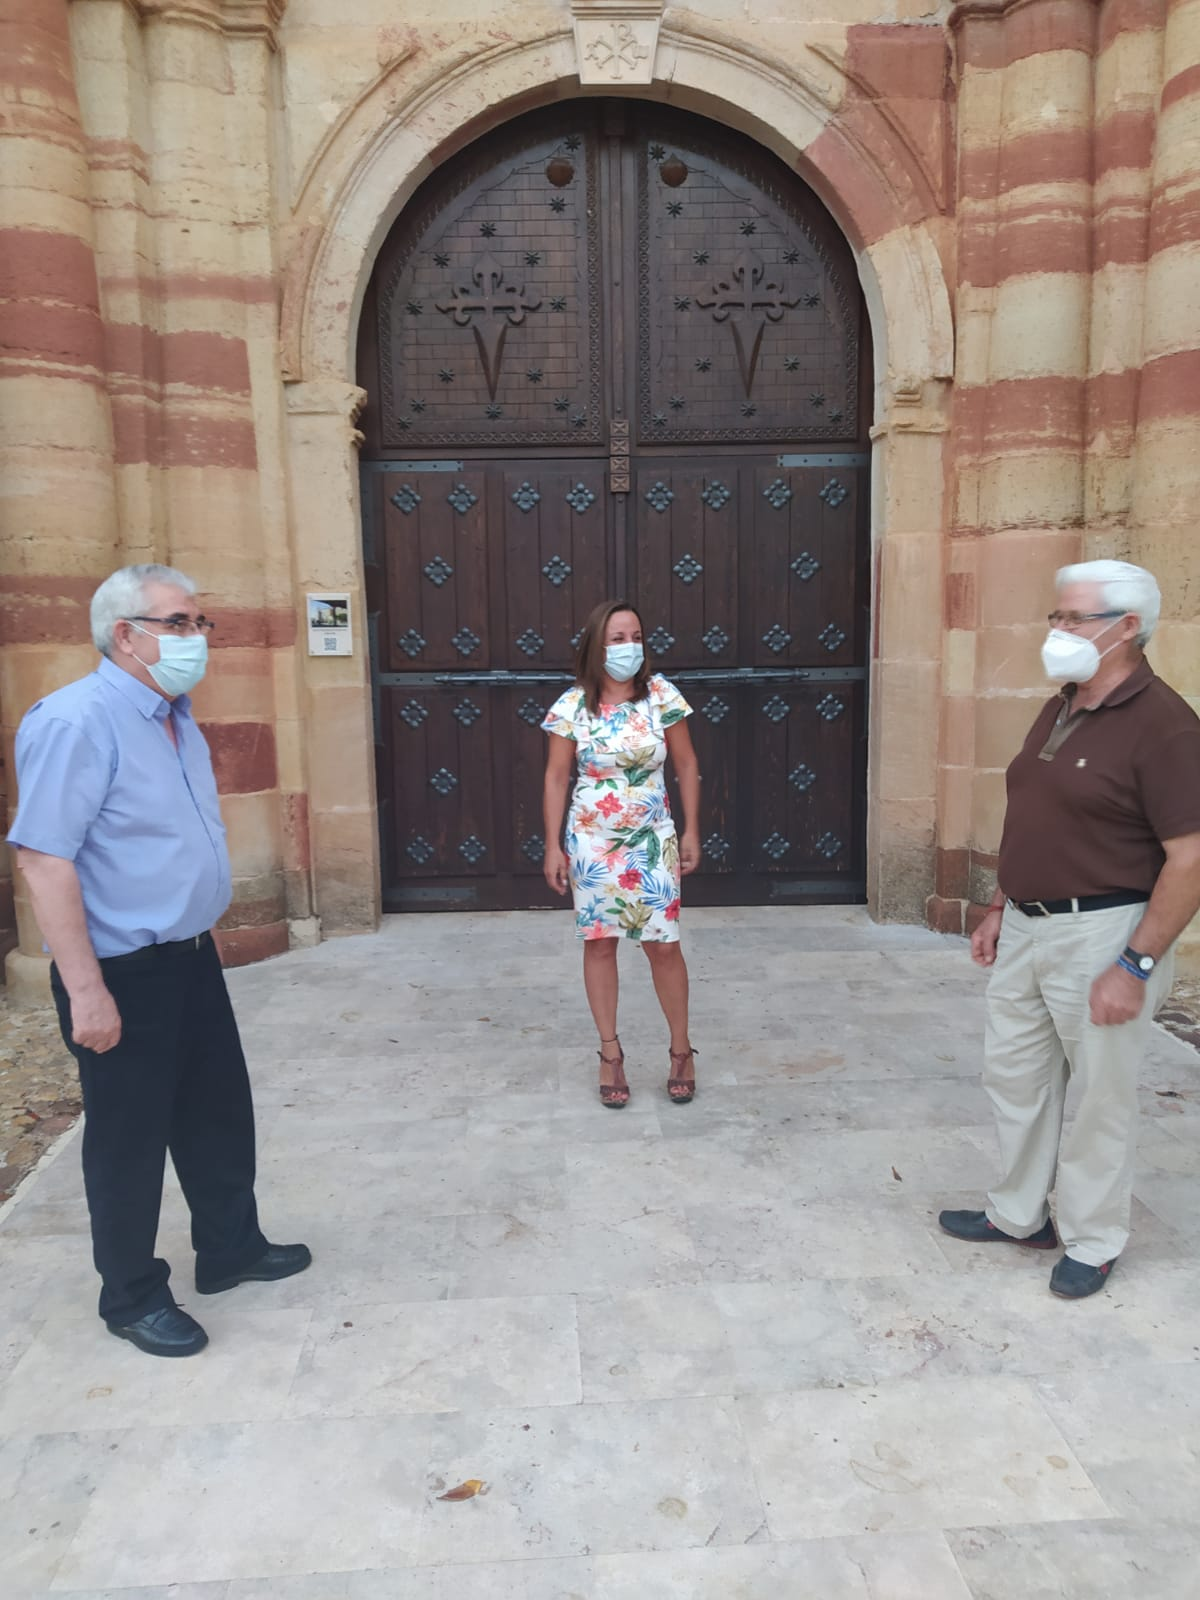 Castellar de Santiago no va a suspender los actos de sus fiestas patronales en honor al Santísimo Cristo en septiembre si las circunstancias lo permiten 2